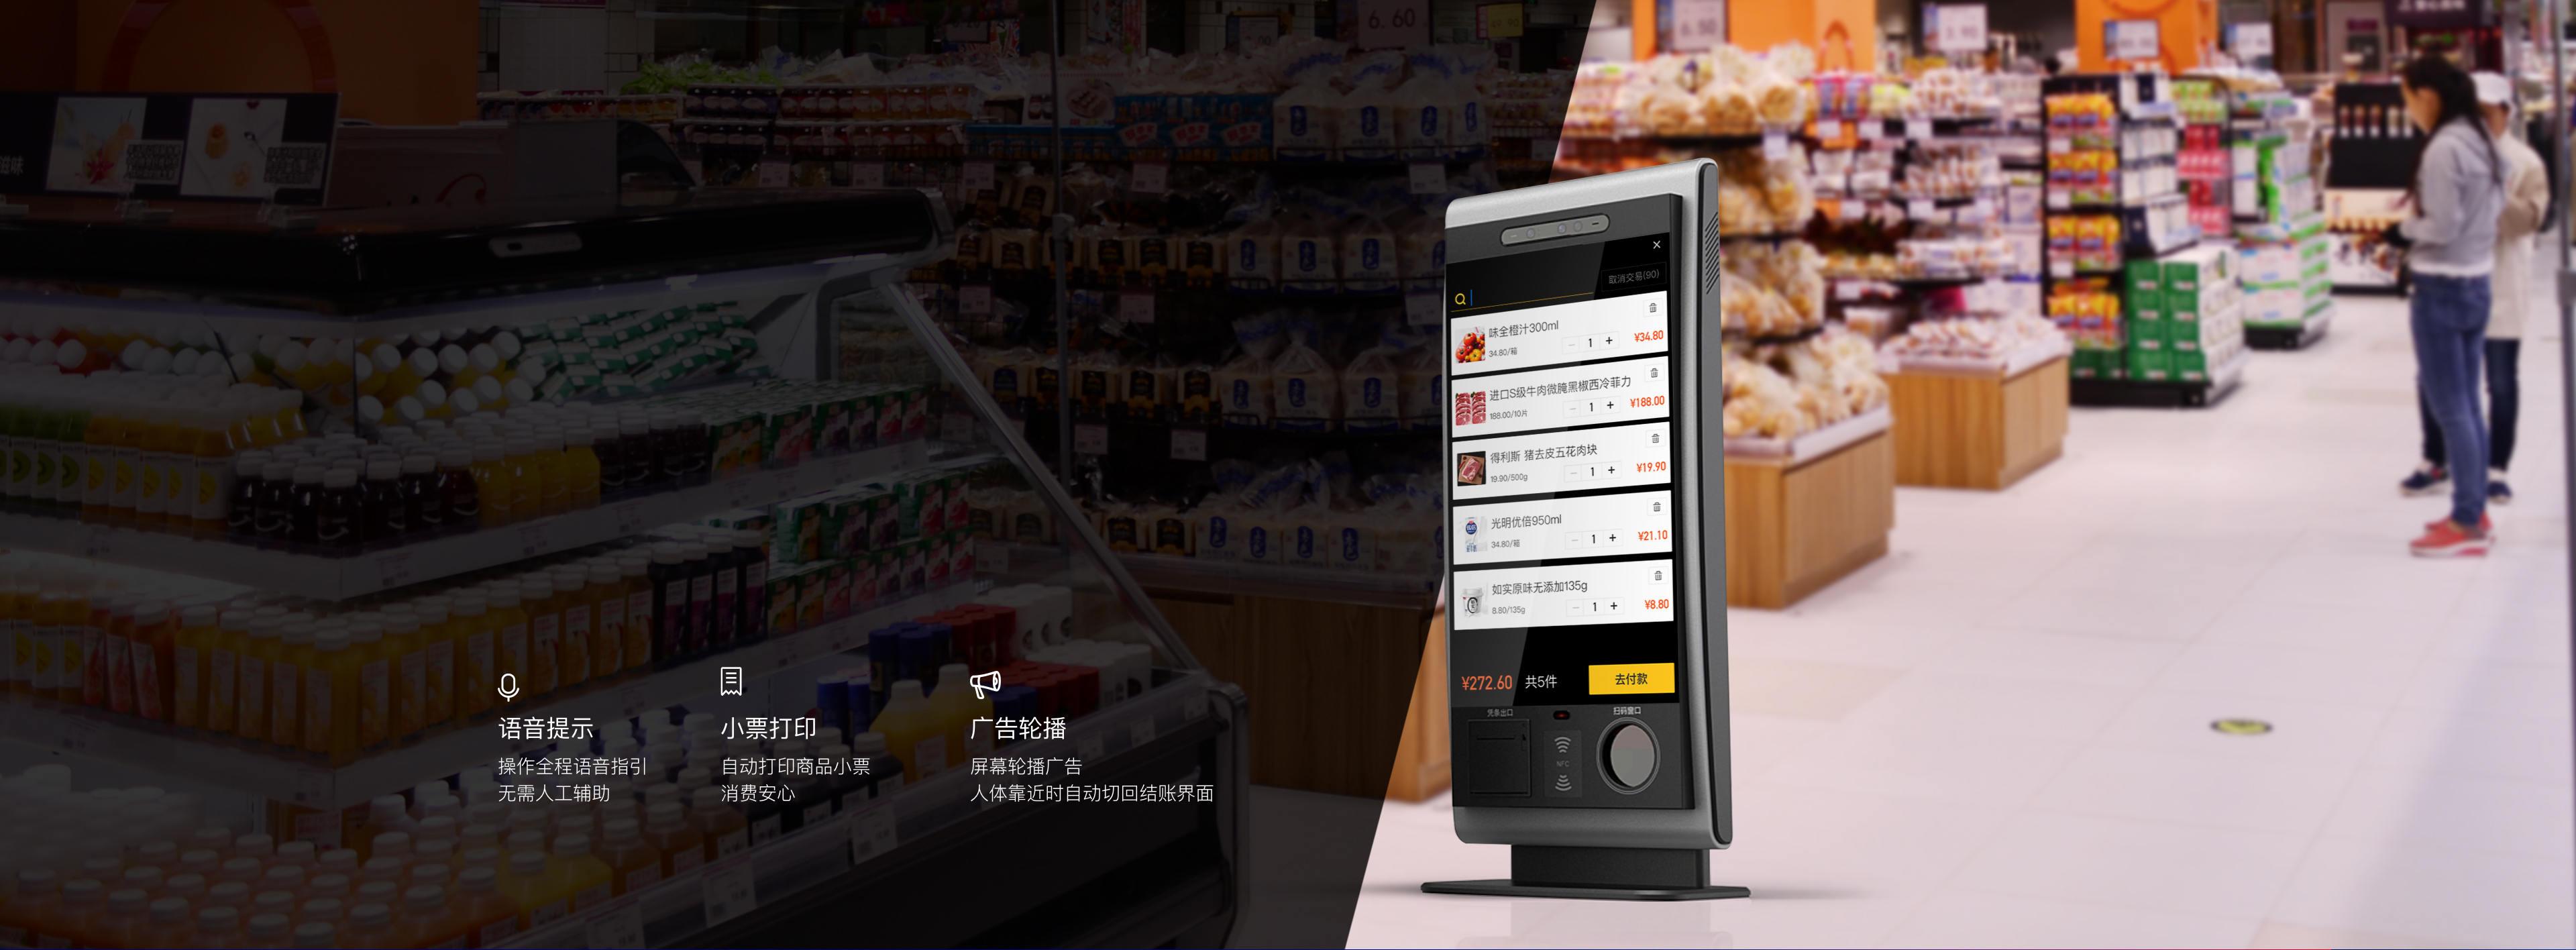 刷脸支付零售系统